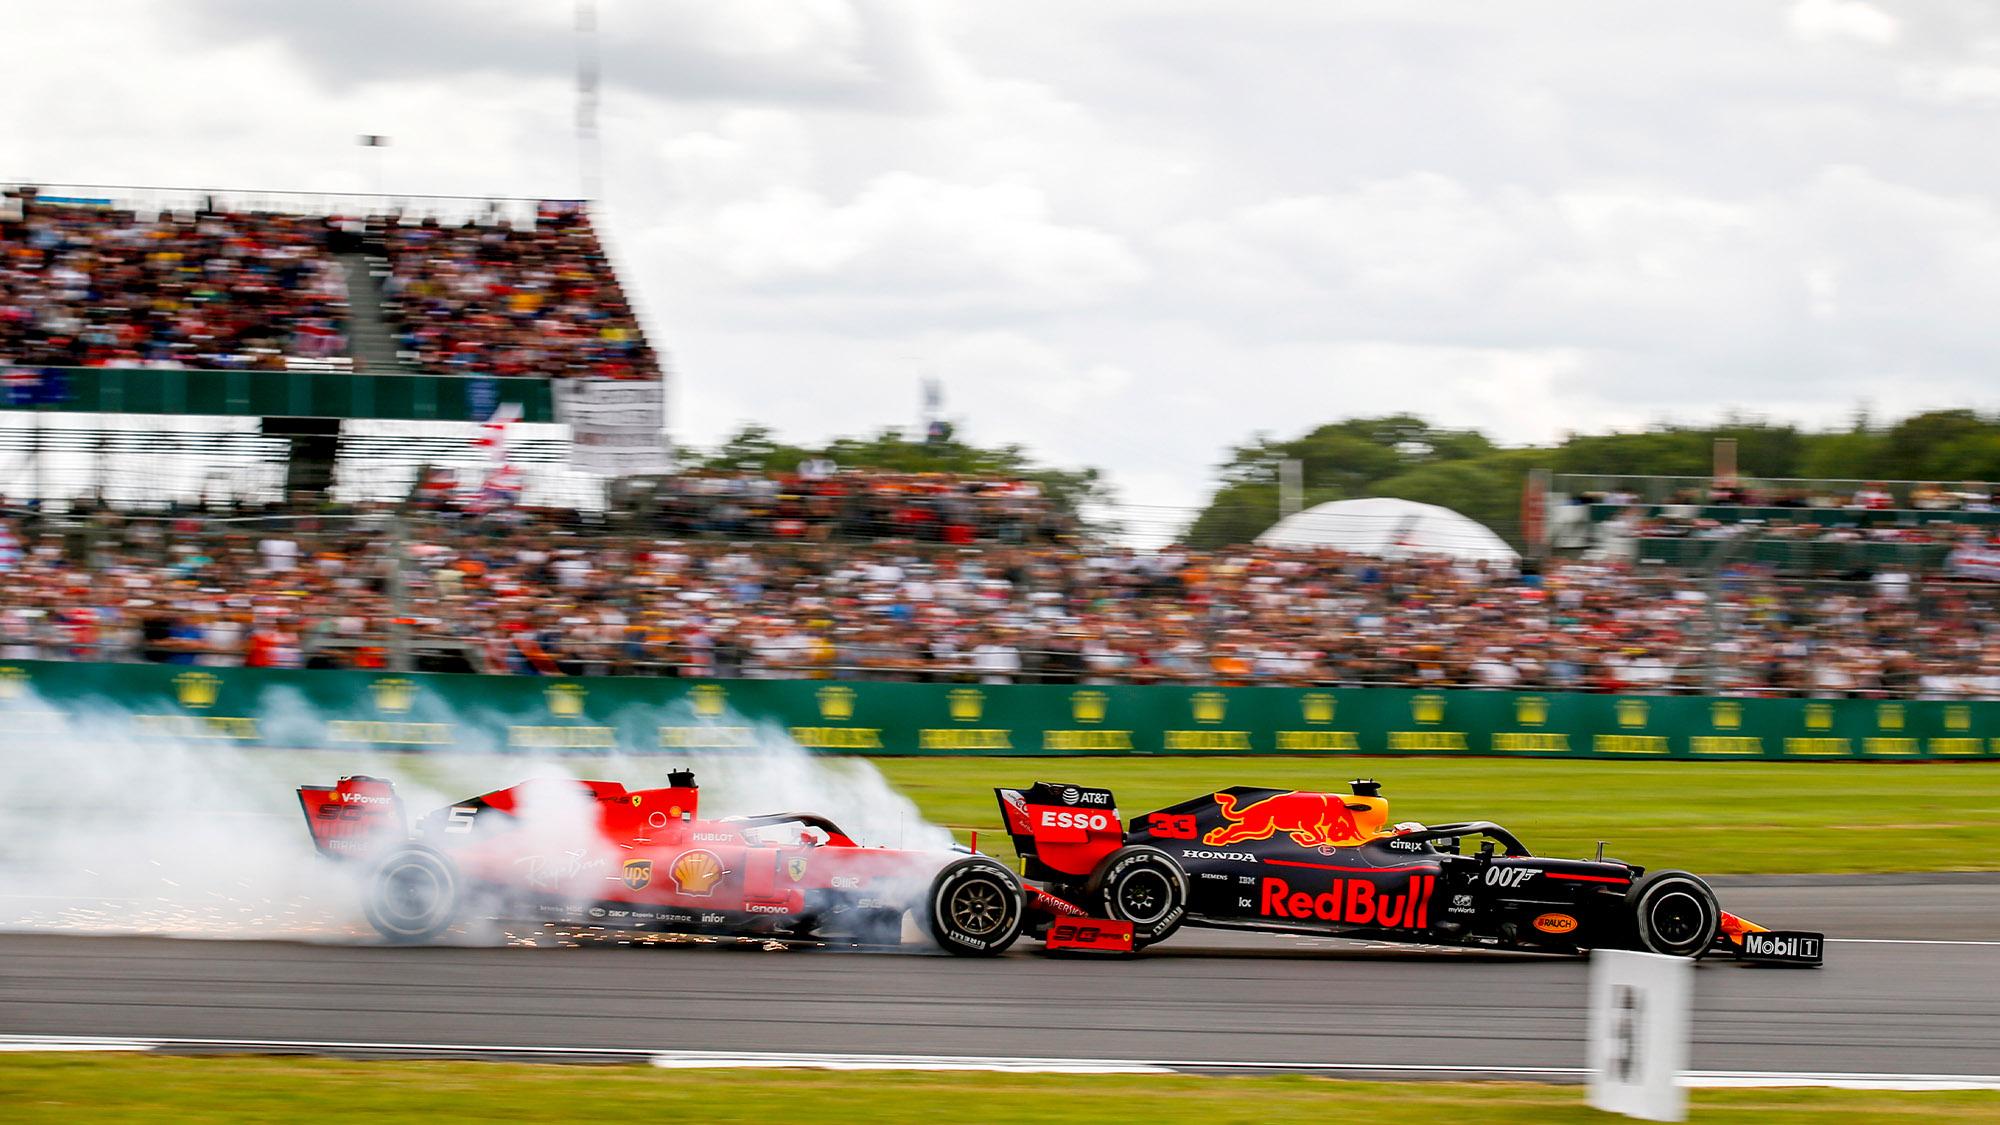 Sebastian Vettel hits Max Verstappen at the 2019 British Grand Prix